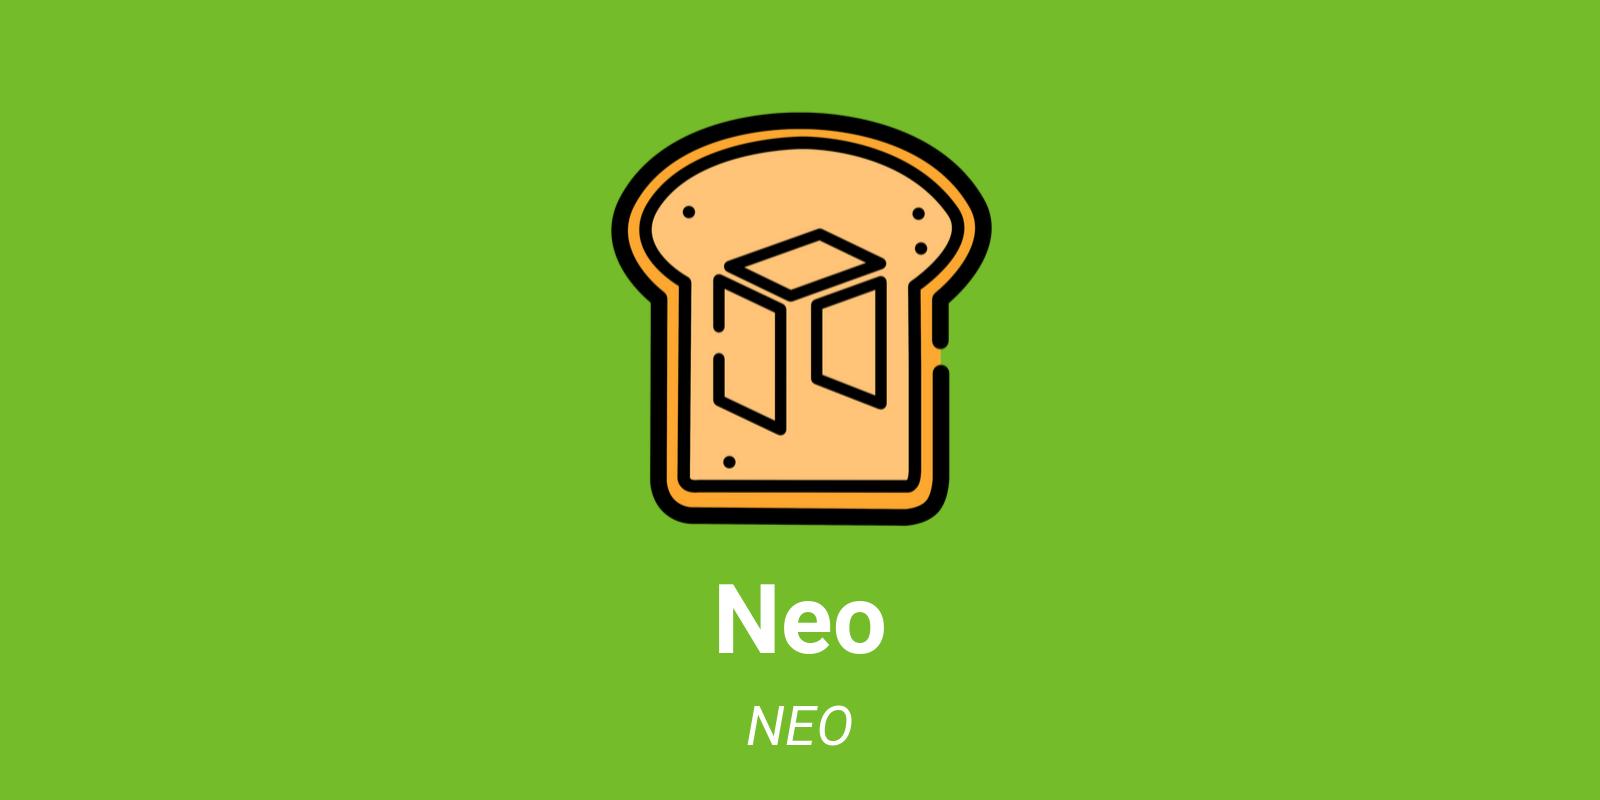 buy neo coinbase